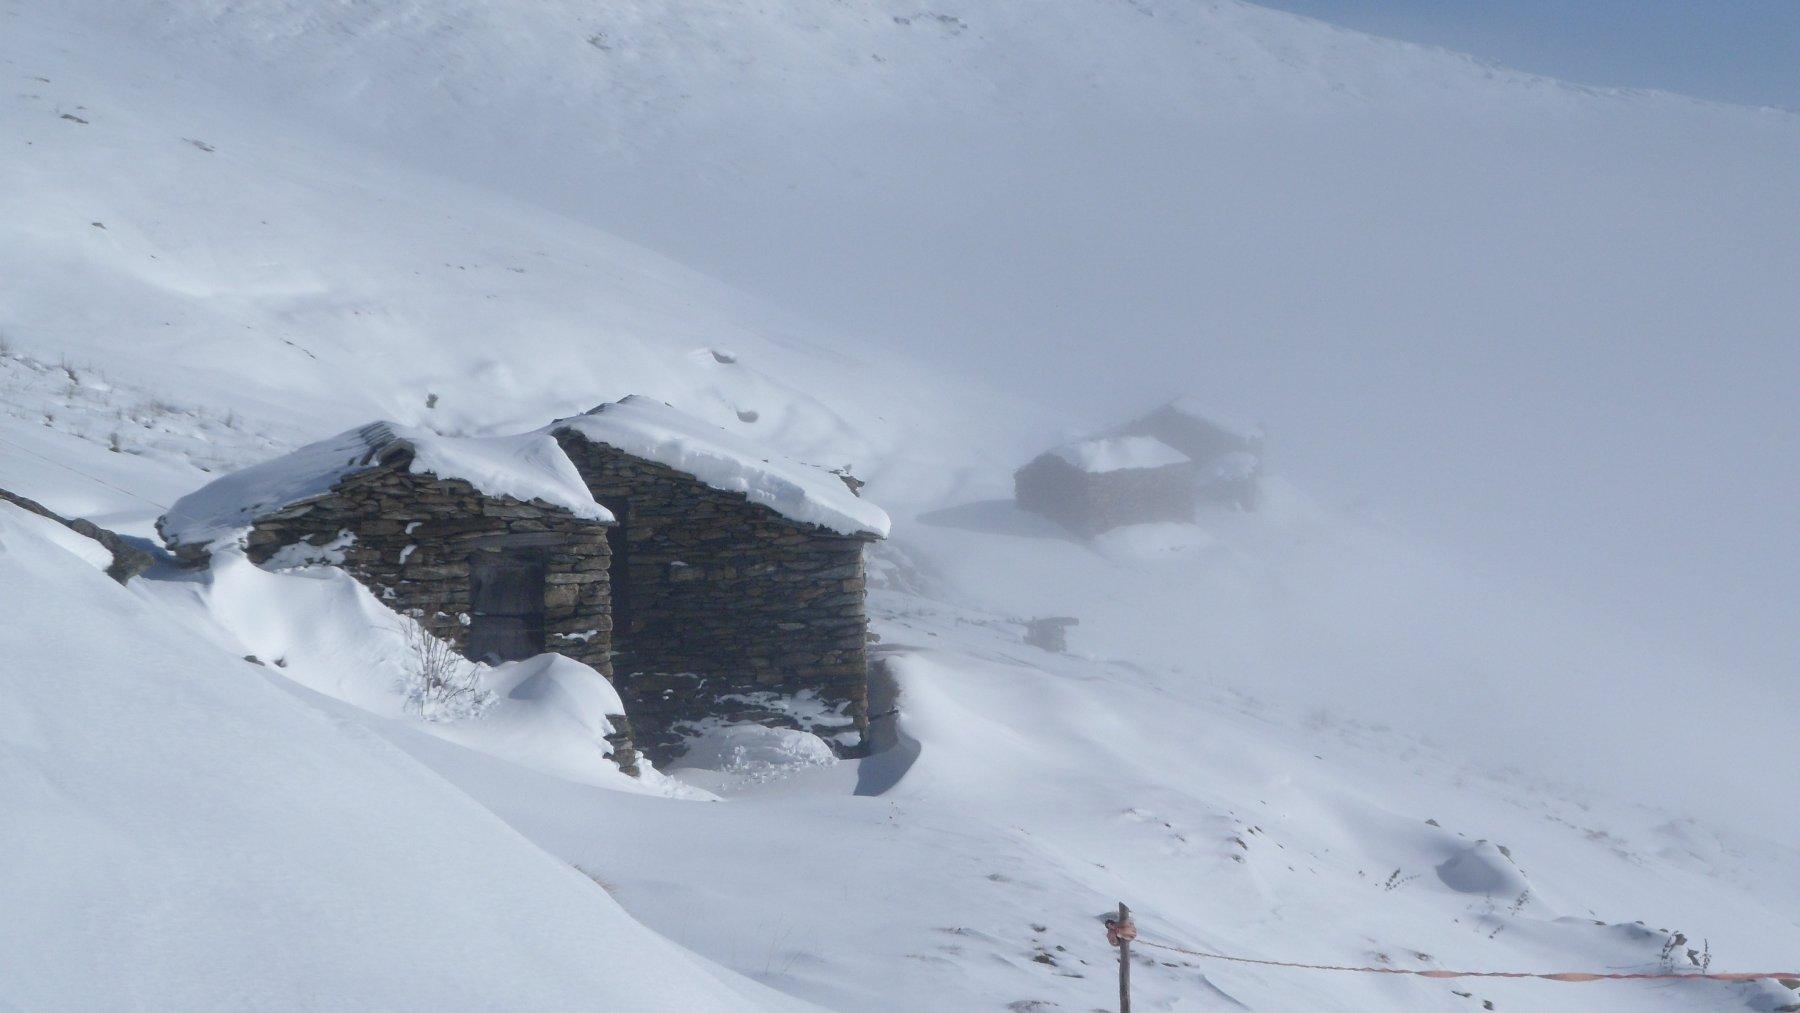 Uscendo dalla neve a poco sotto il rifugio